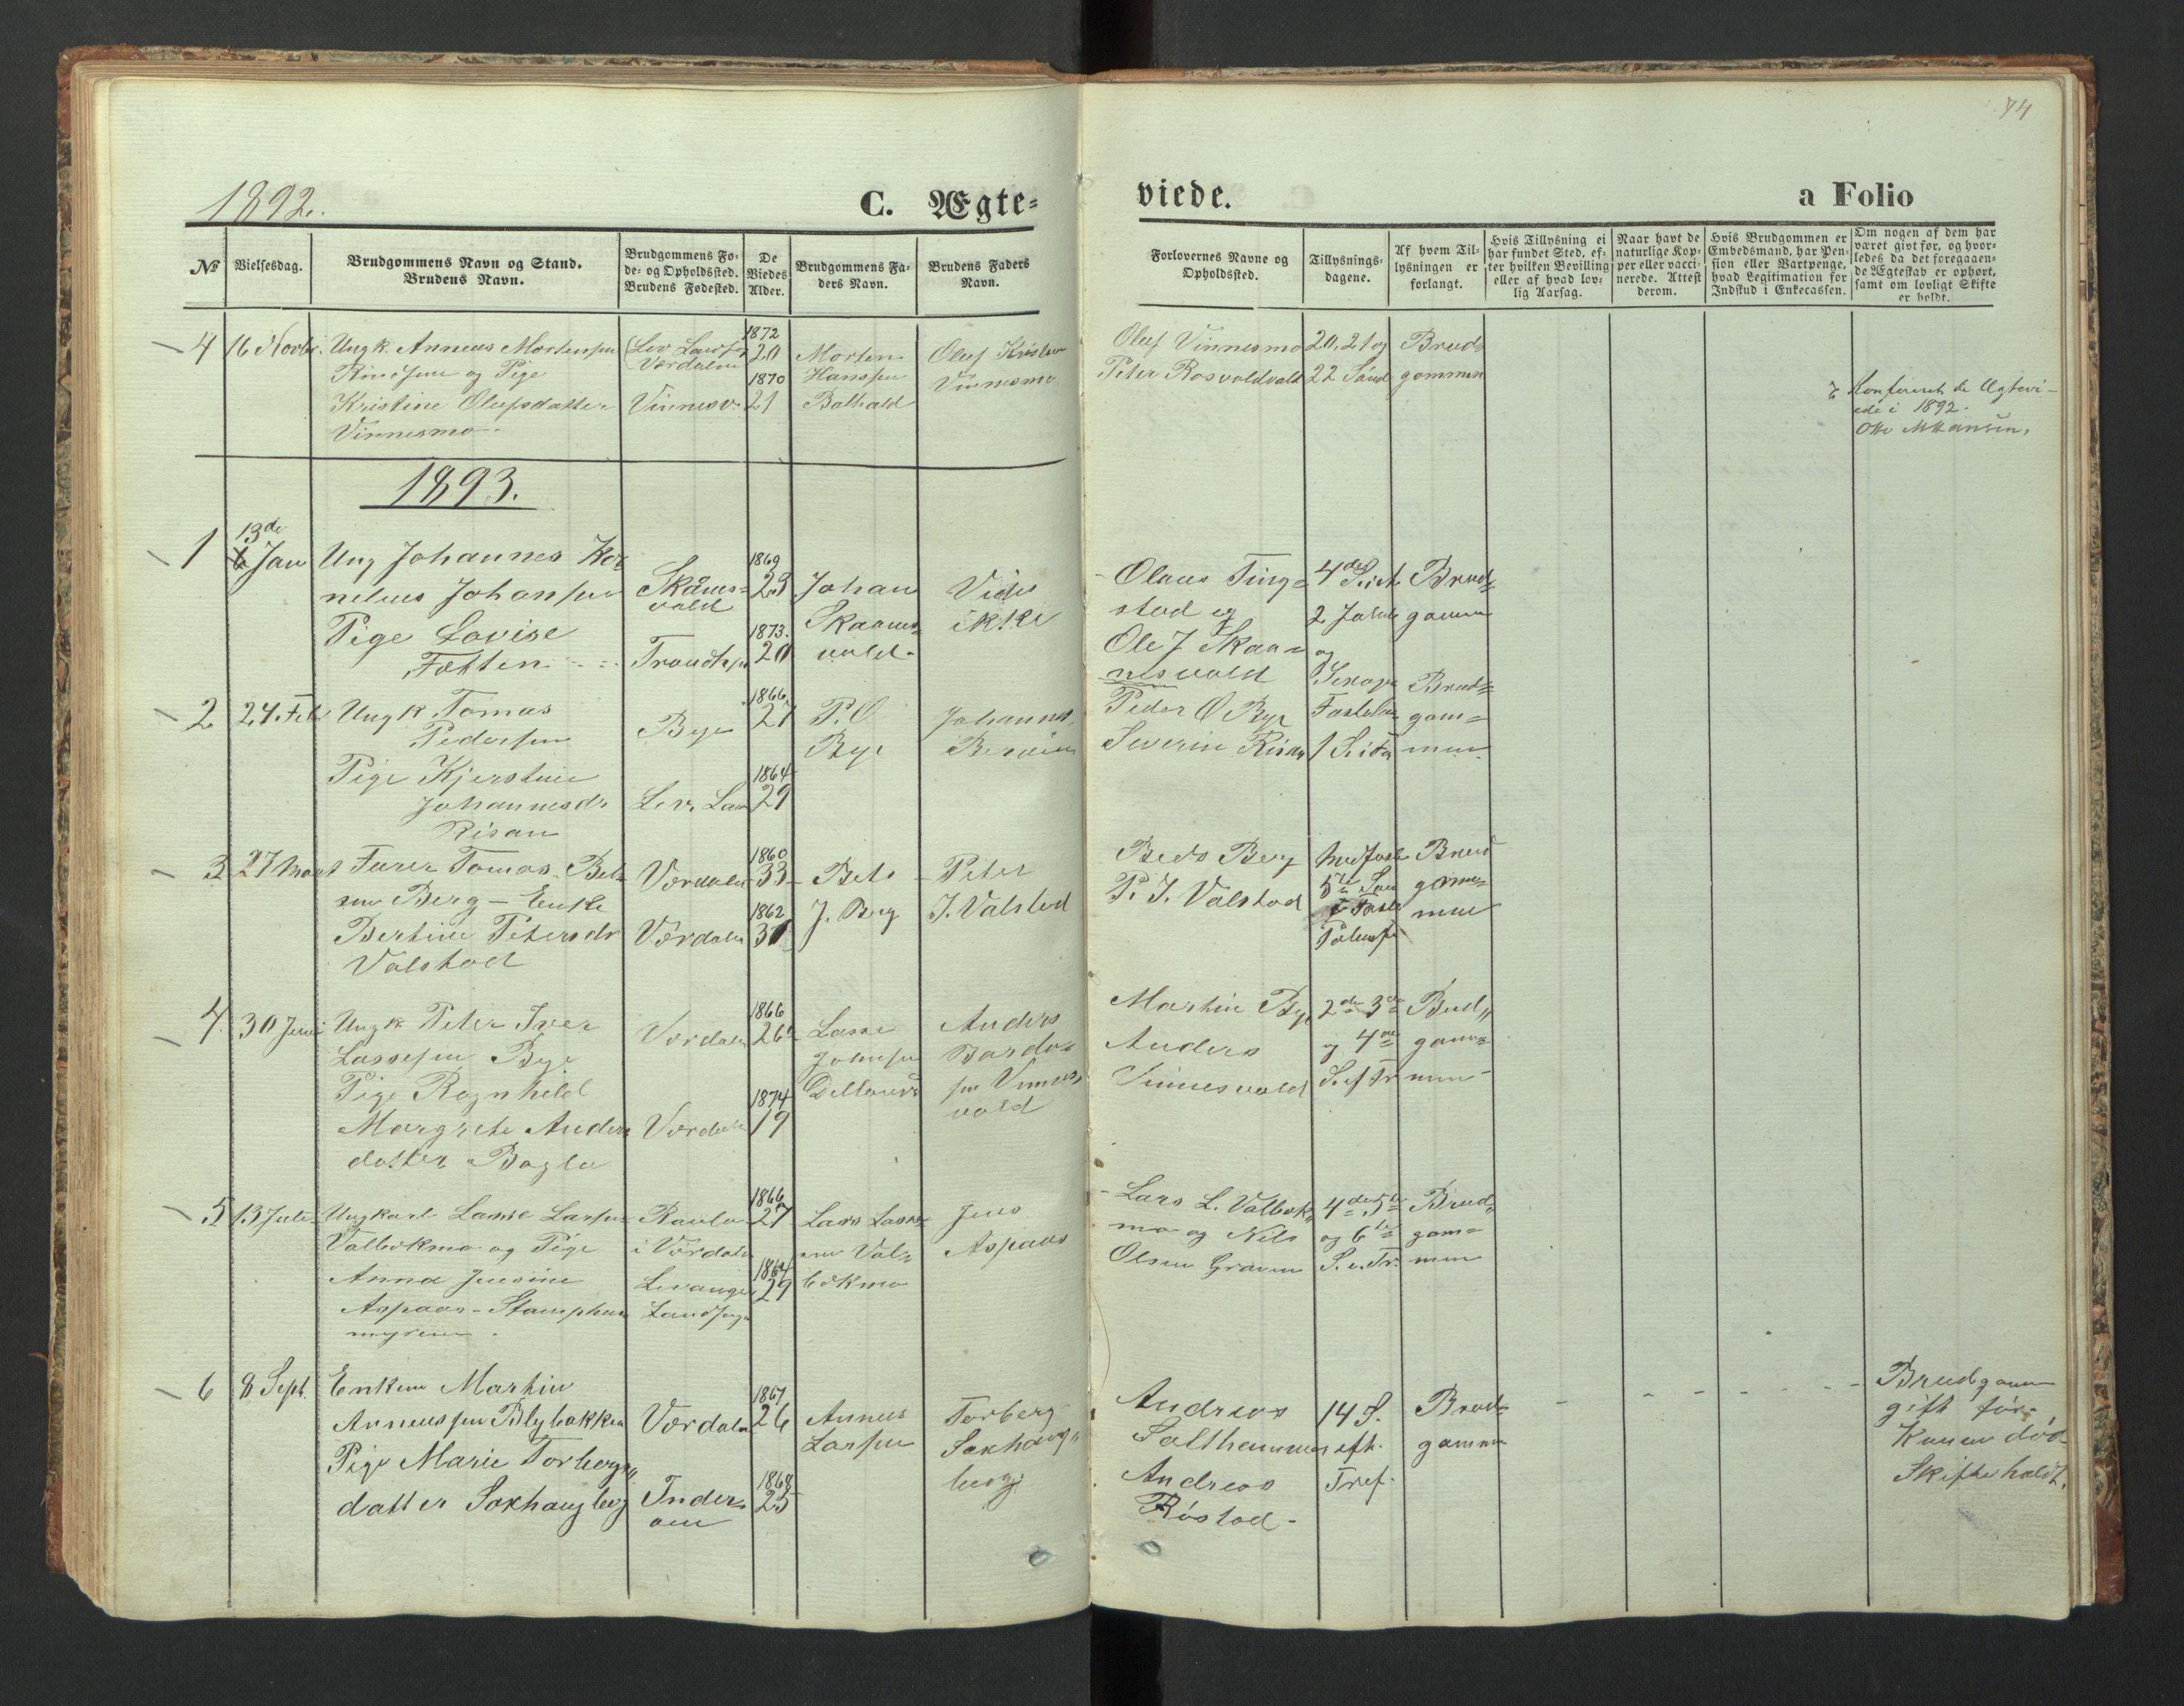 SAT, Ministerialprotokoller, klokkerbøker og fødselsregistre - Nord-Trøndelag, 726/L0271: Klokkerbok nr. 726C02, 1869-1897, s. 74